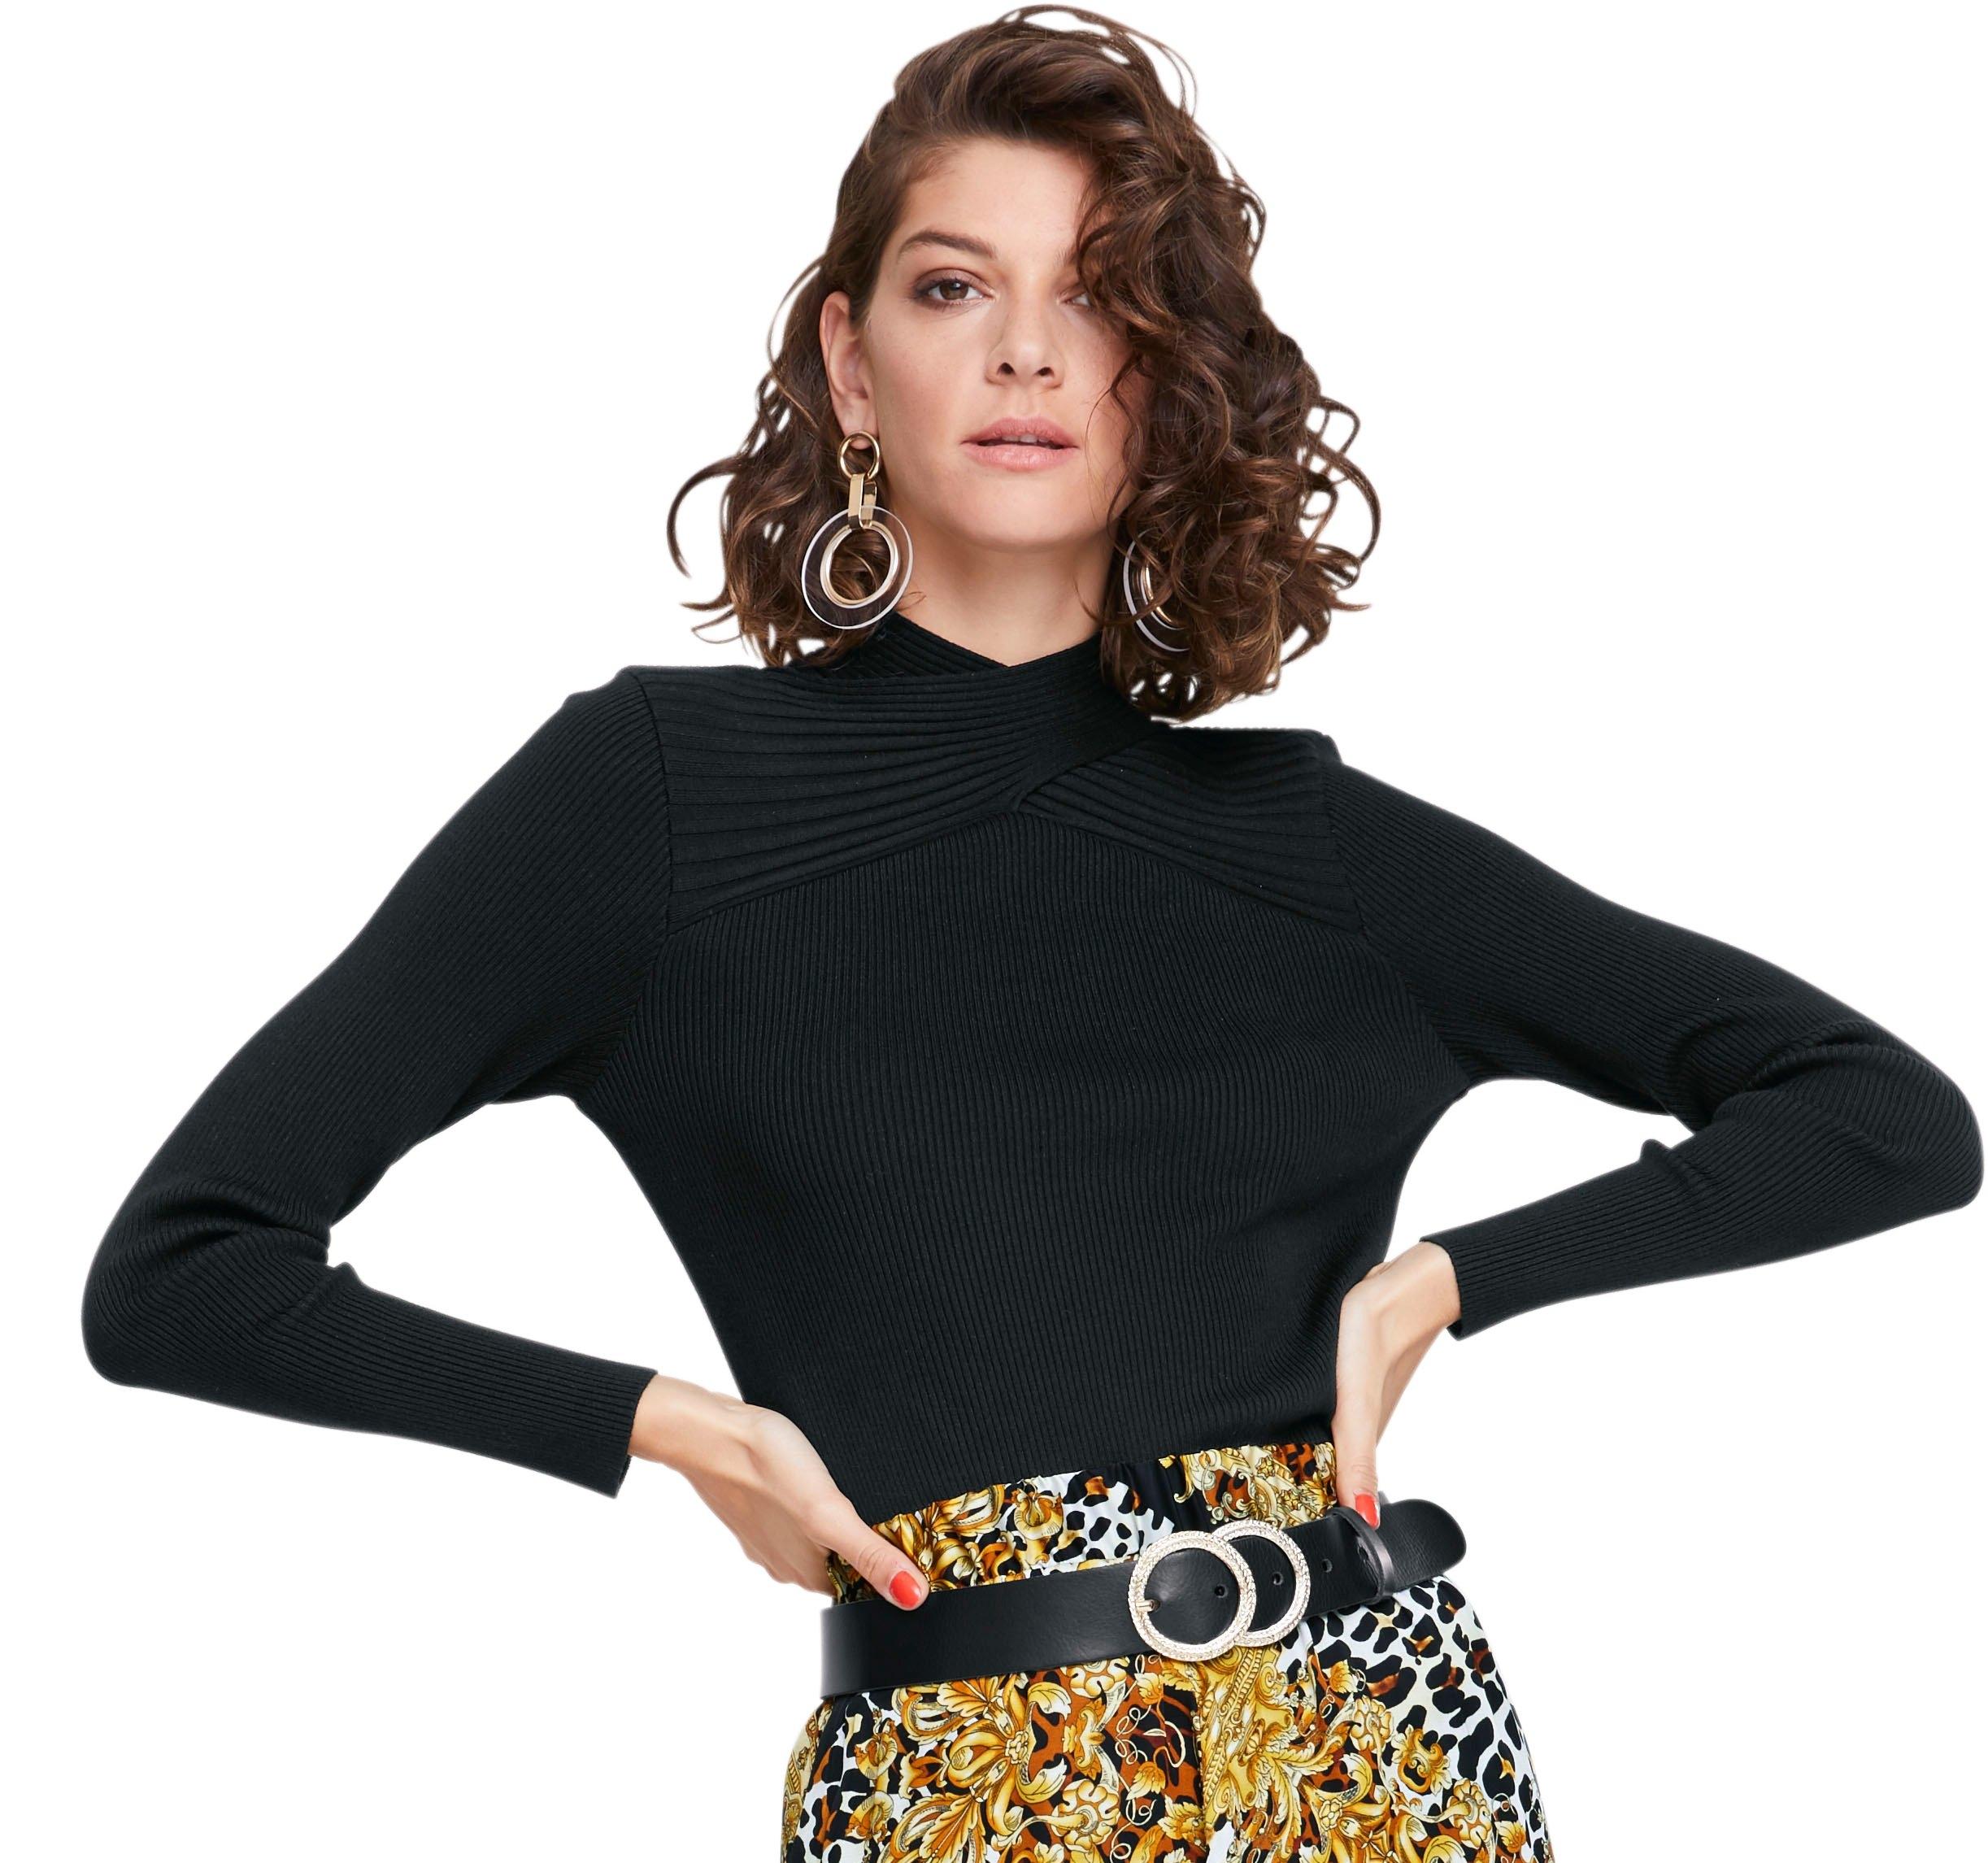 creation L trui met staande kraag voordelig en veilig online kopen